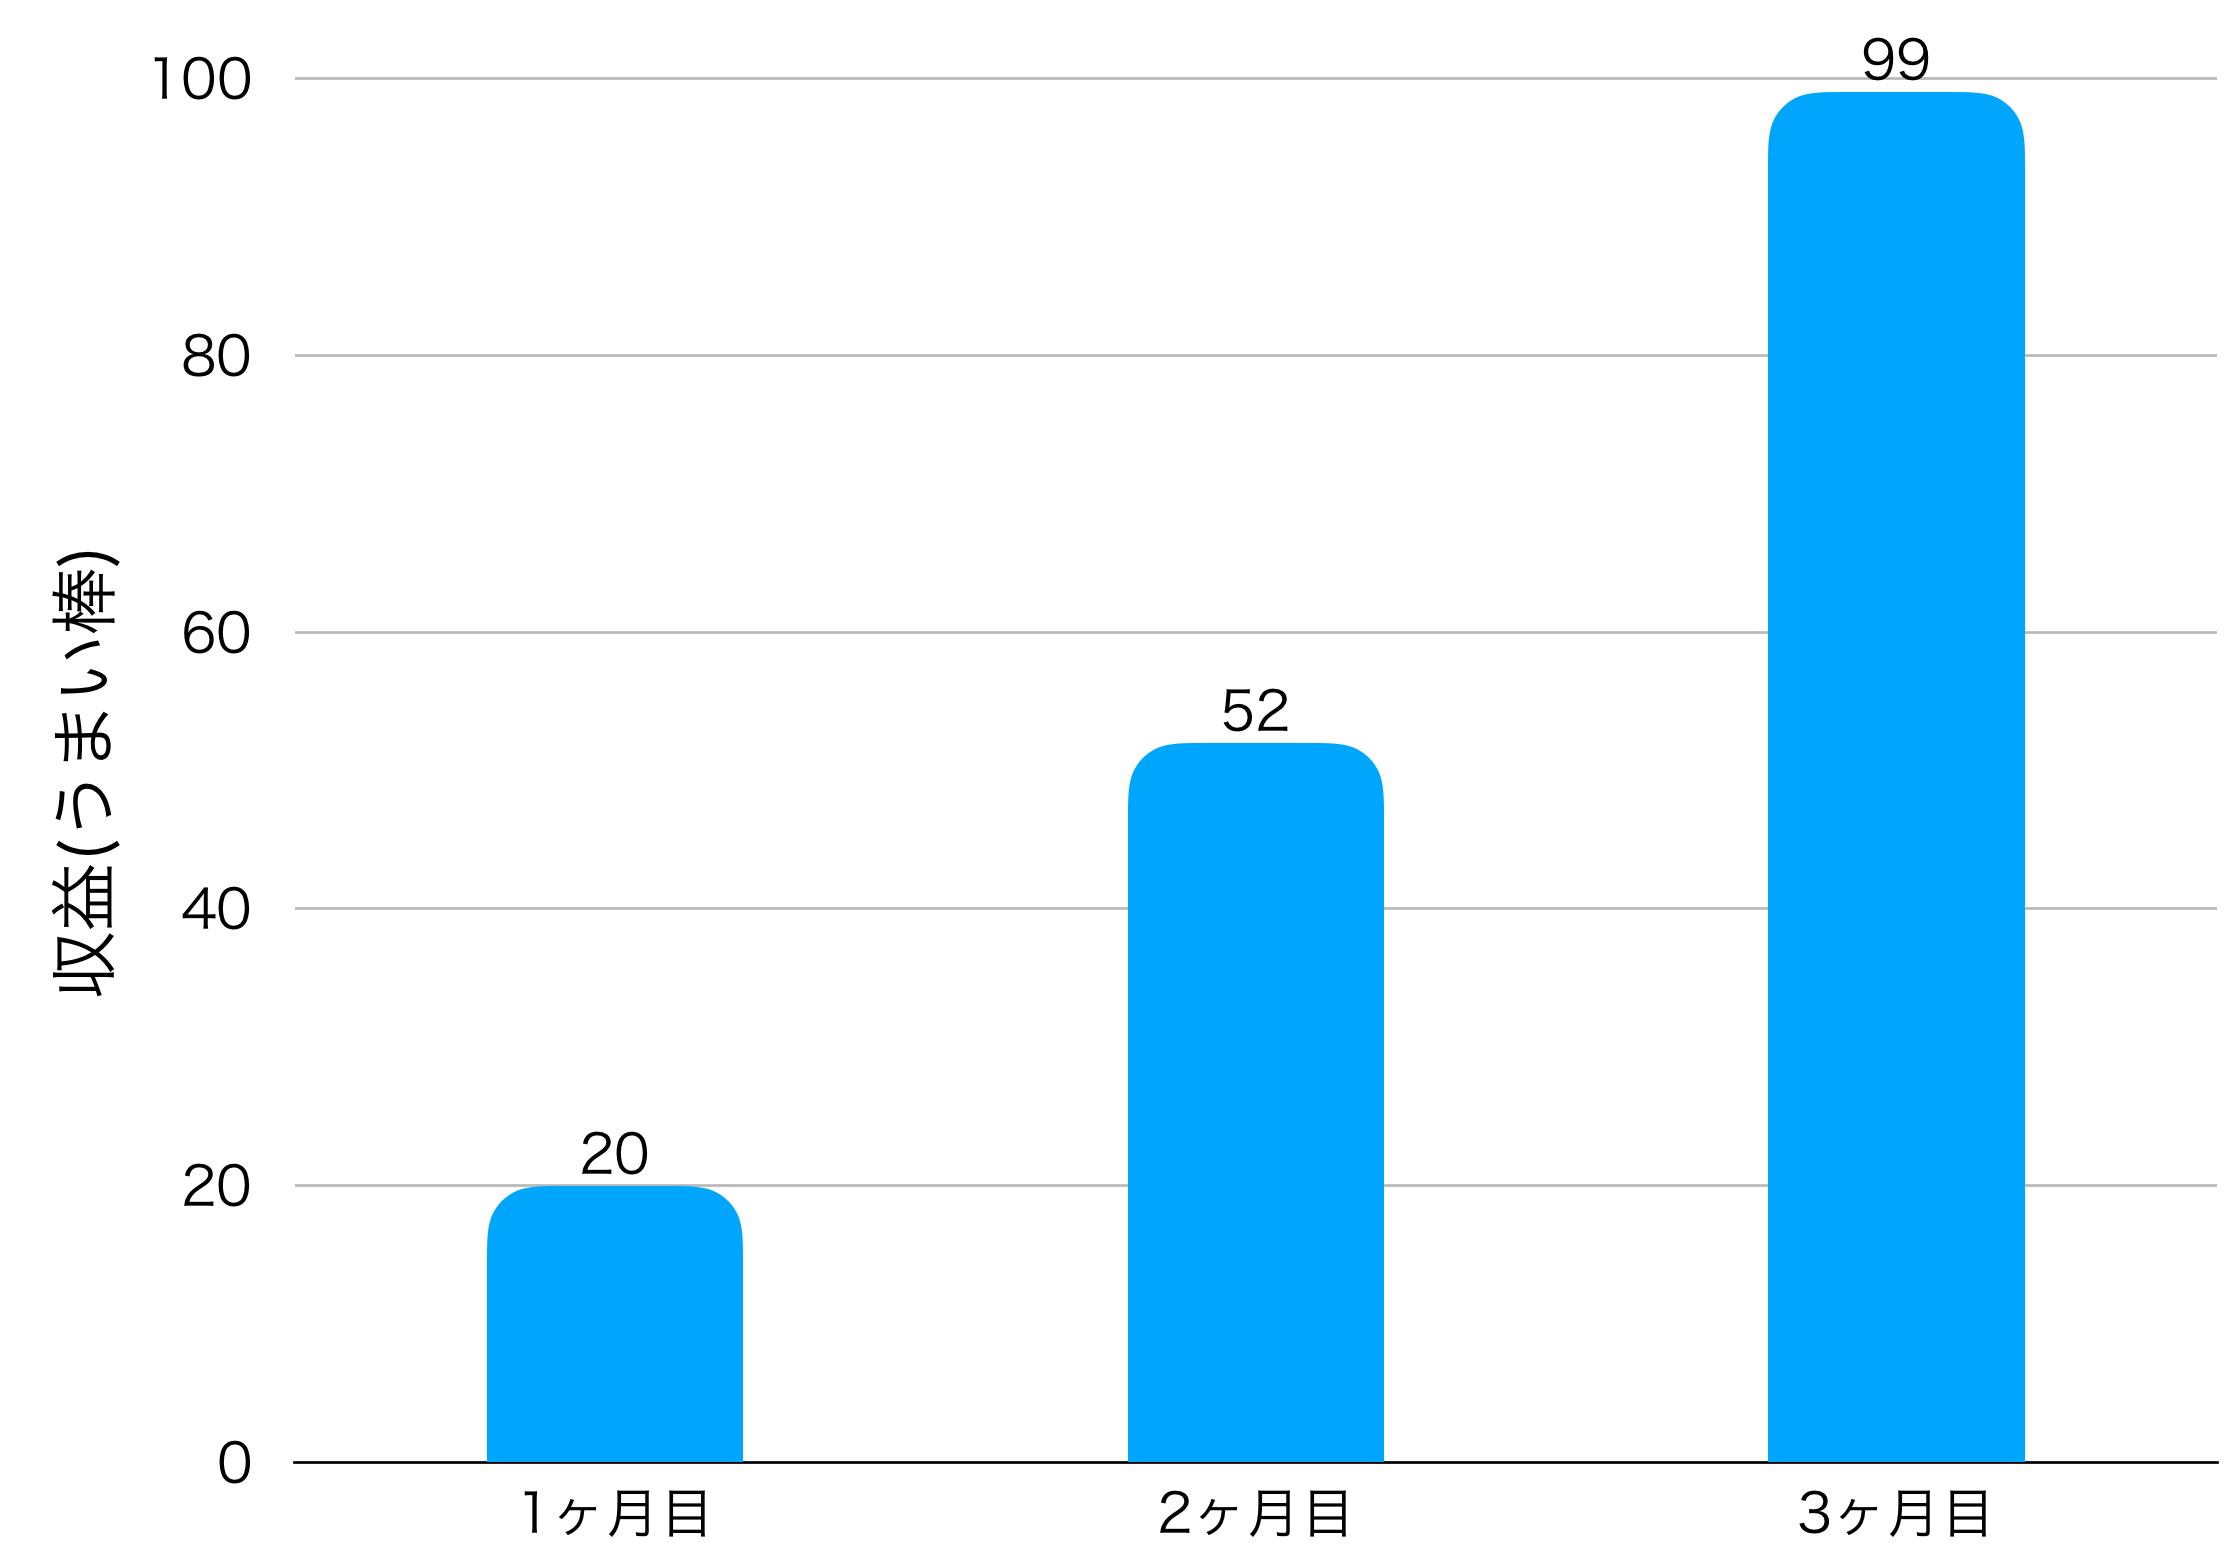 3ヶ月目の収益の画像